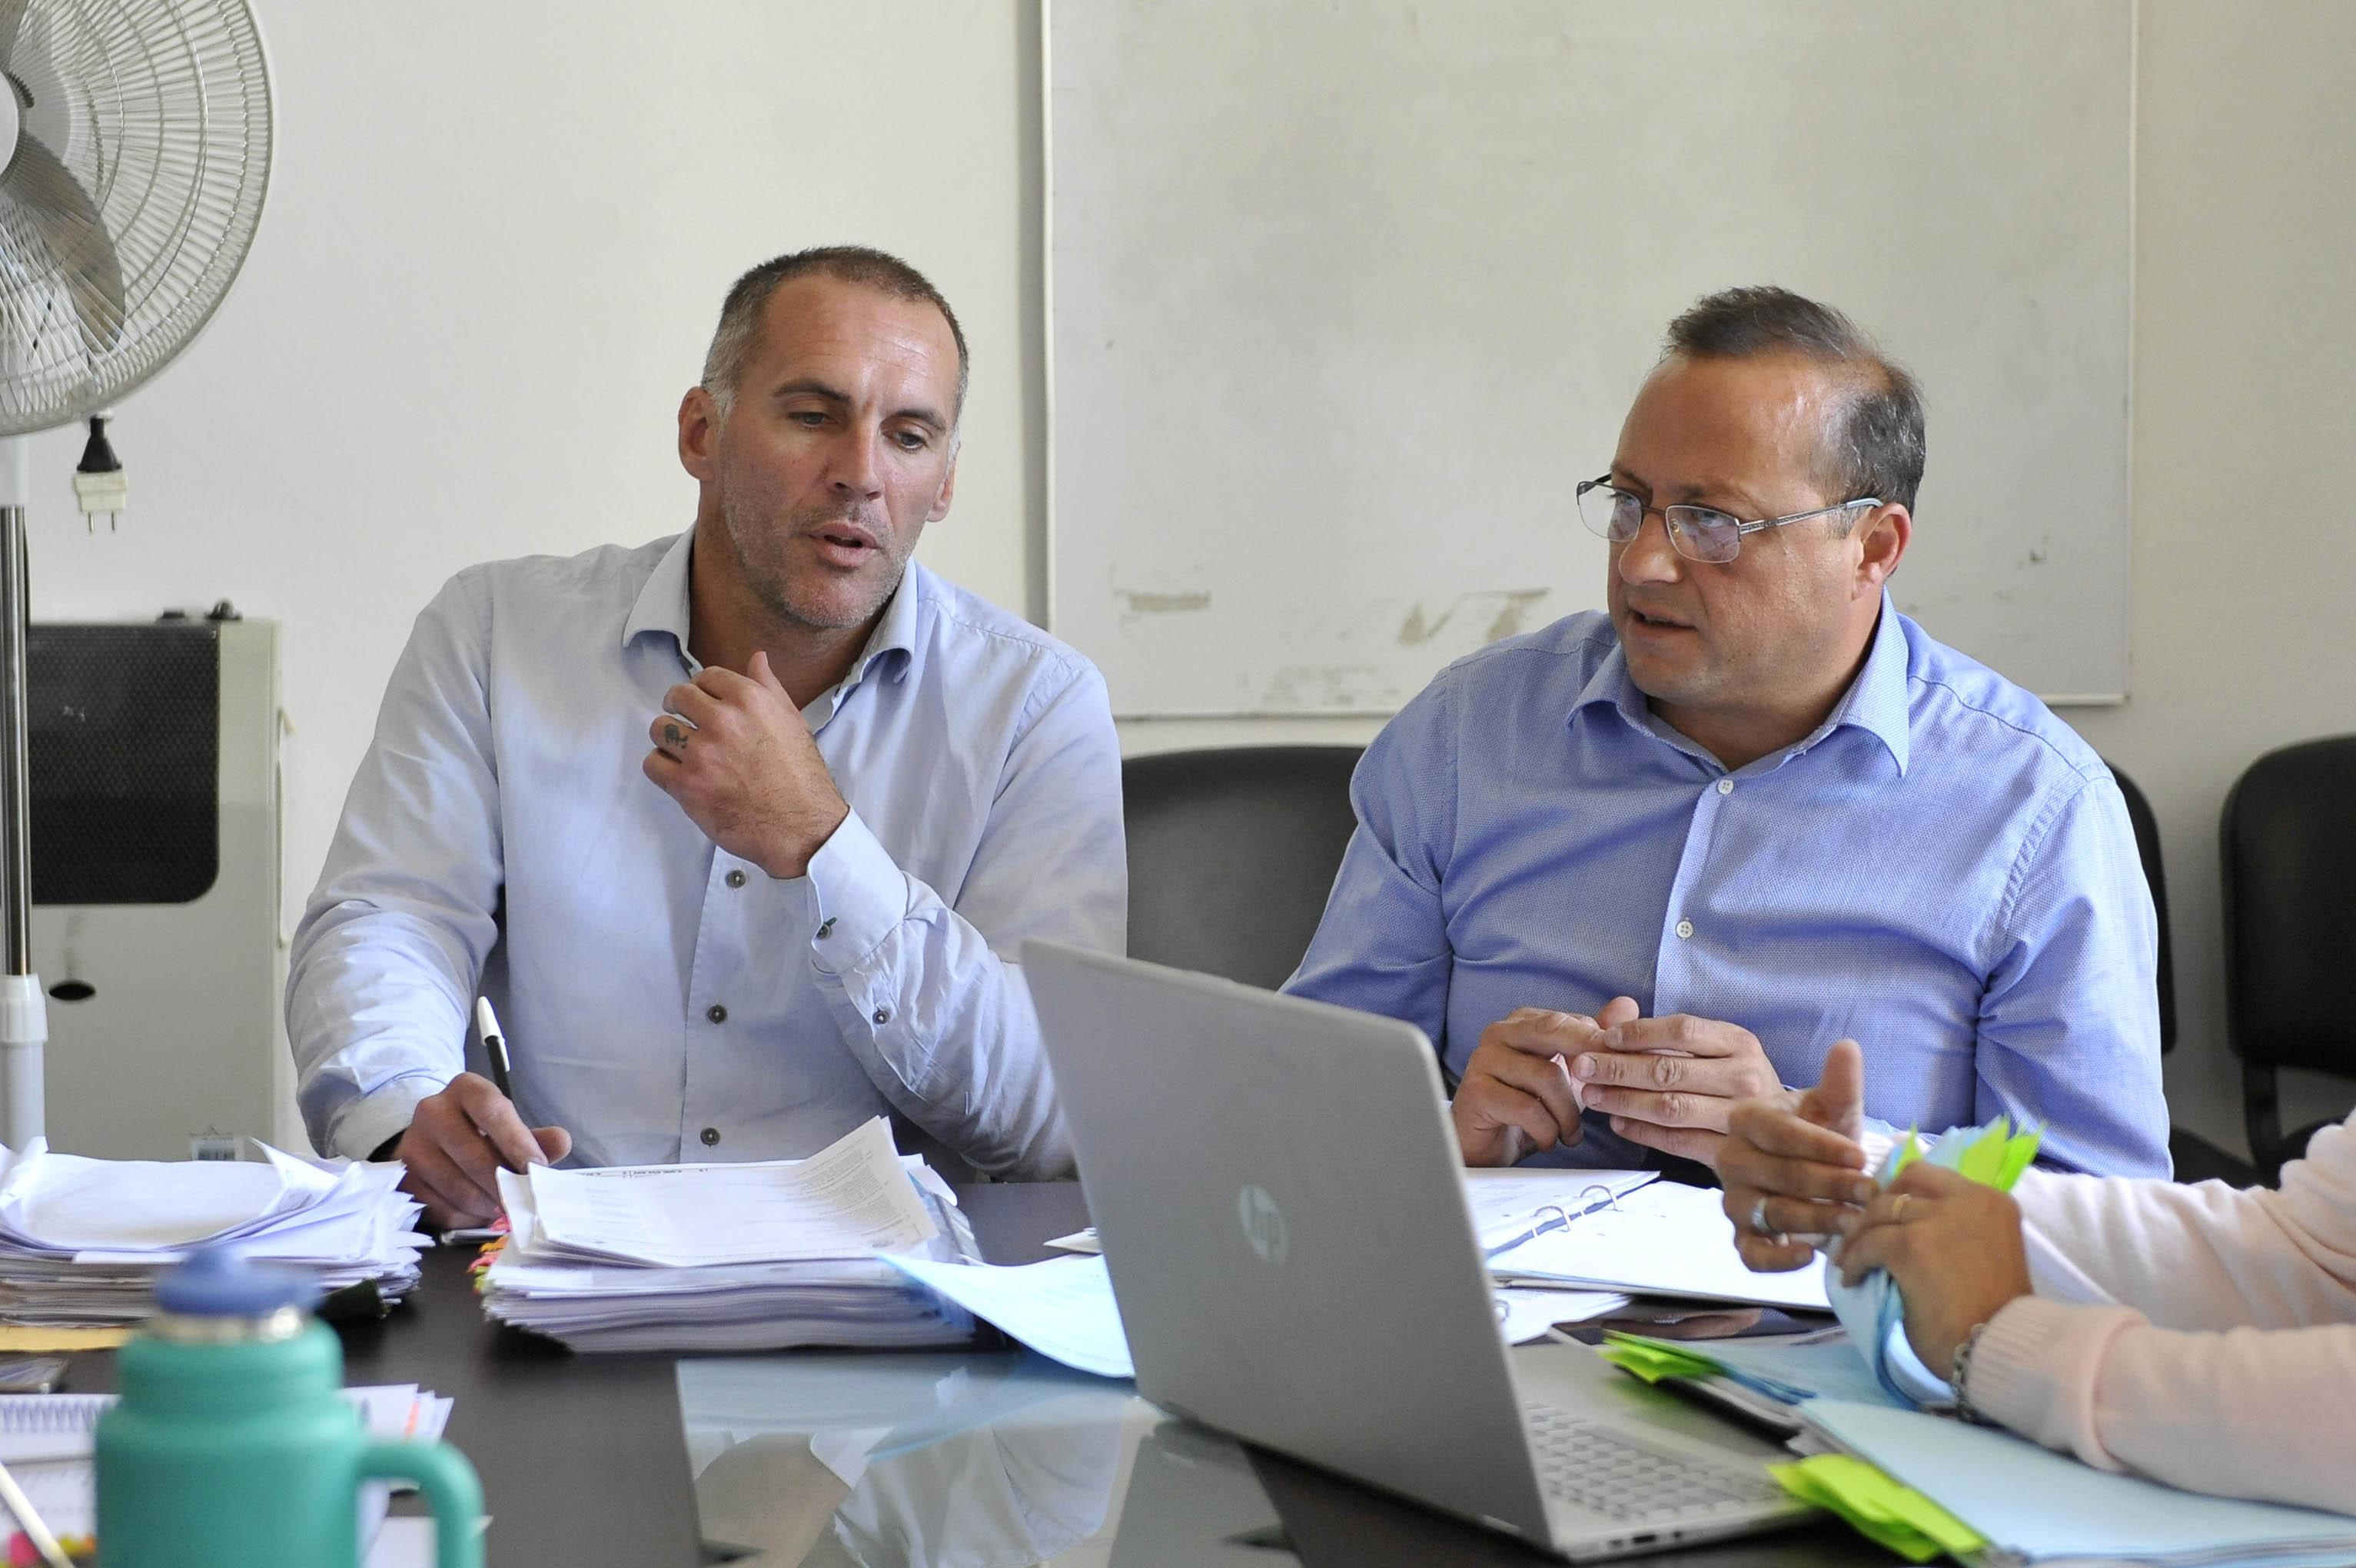 La Plata / En la comisión de hacienda del Concejo Deliberante se comenzó a debatir el presupuesto 2018